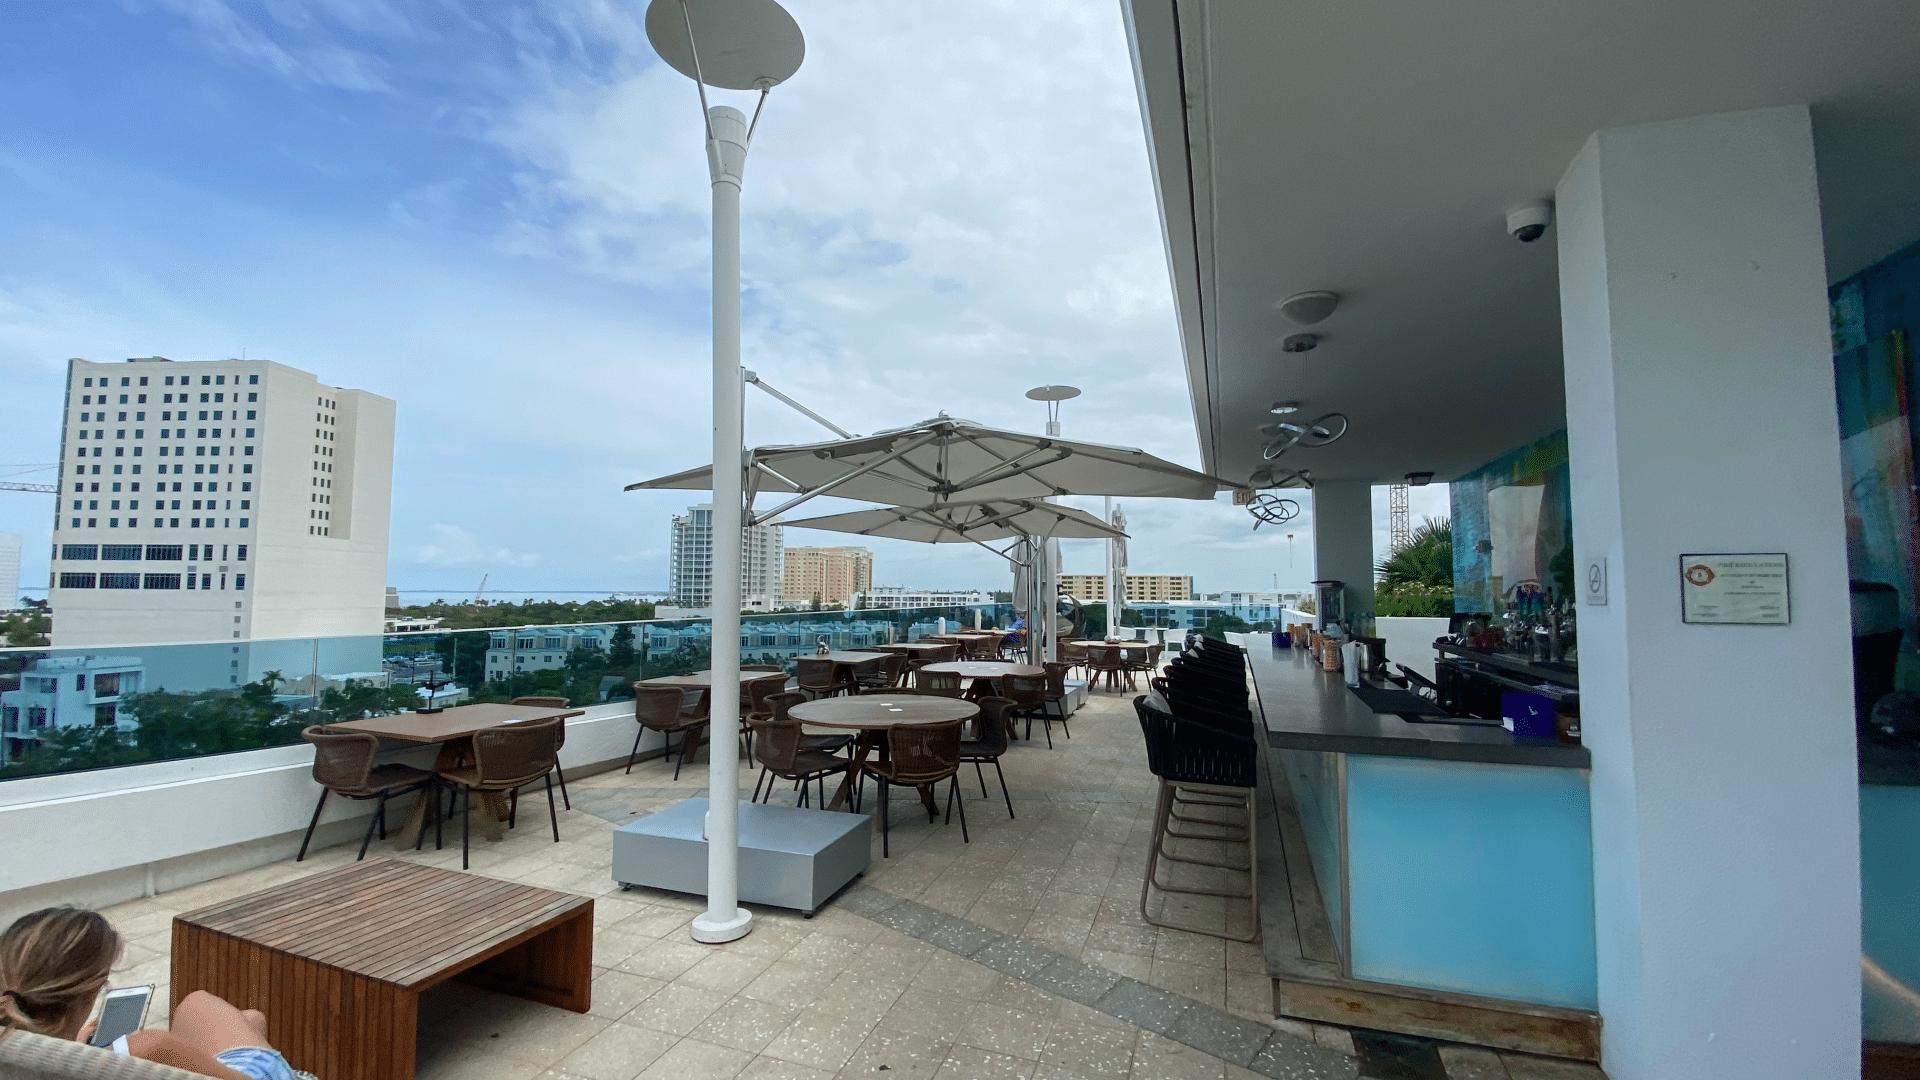 Art Ovation Hotel Rooftop Bar